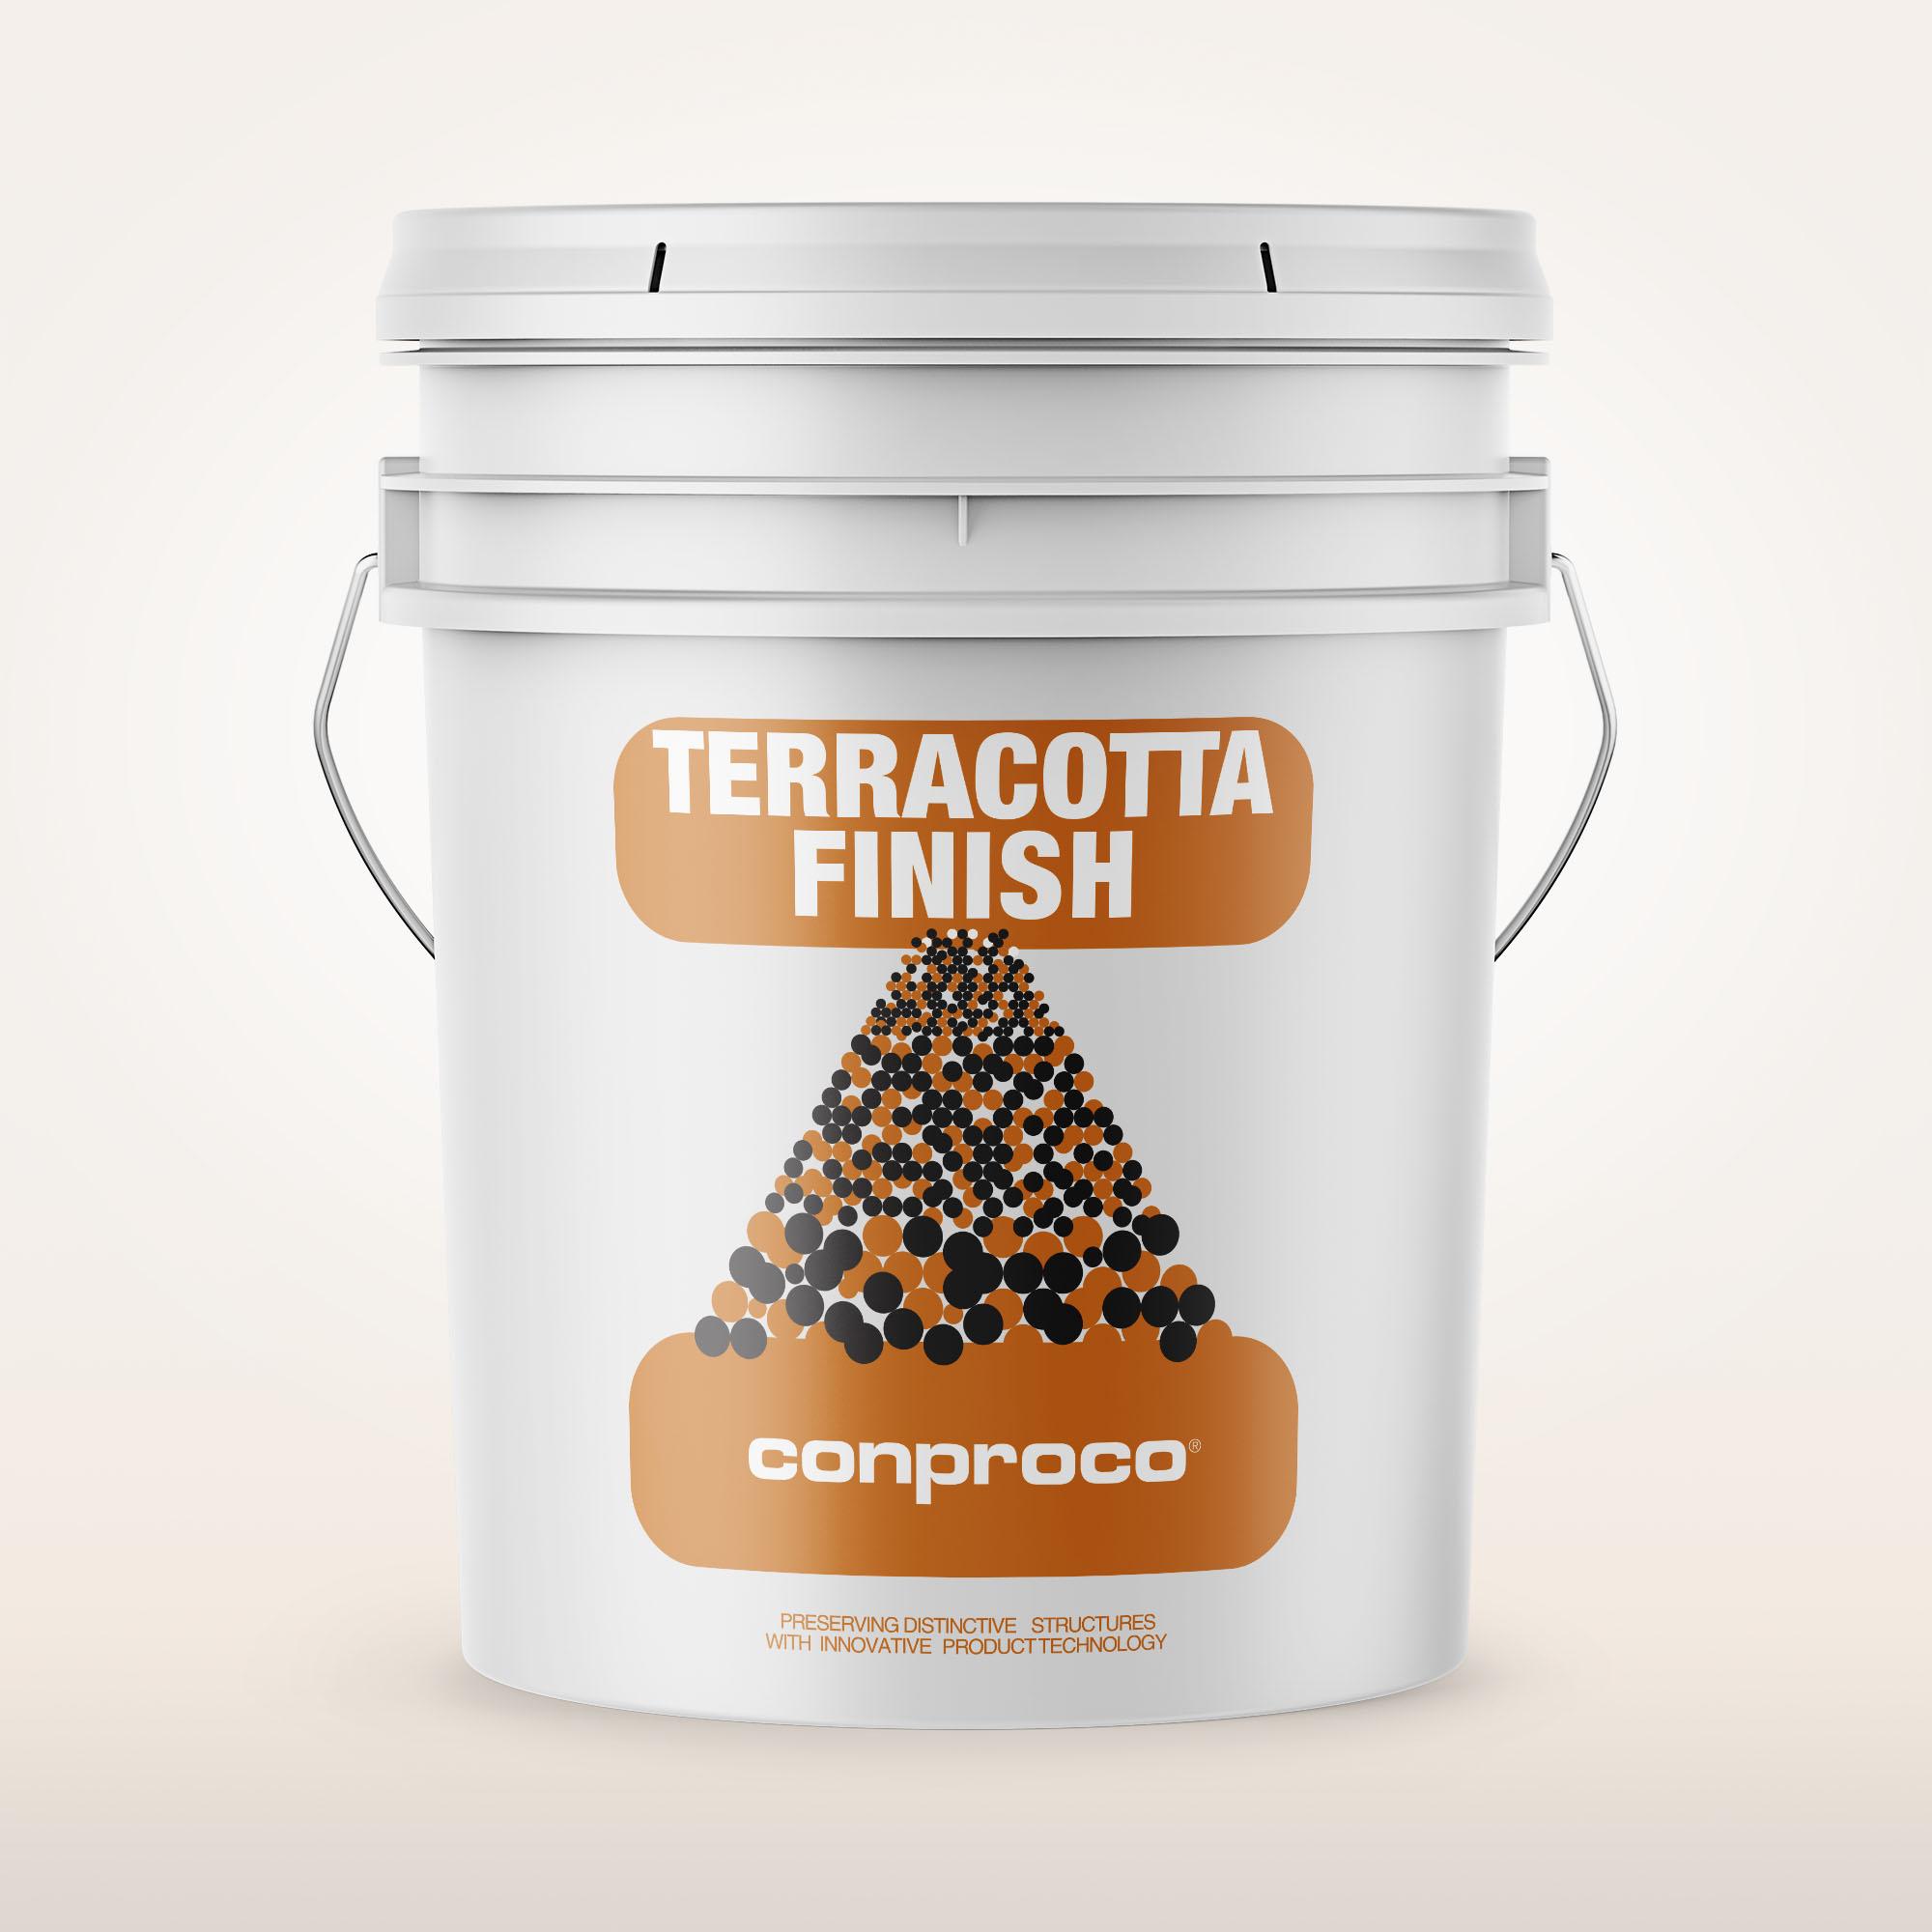 Terracotta finish 1 gallon for restoring terracotta glaze.